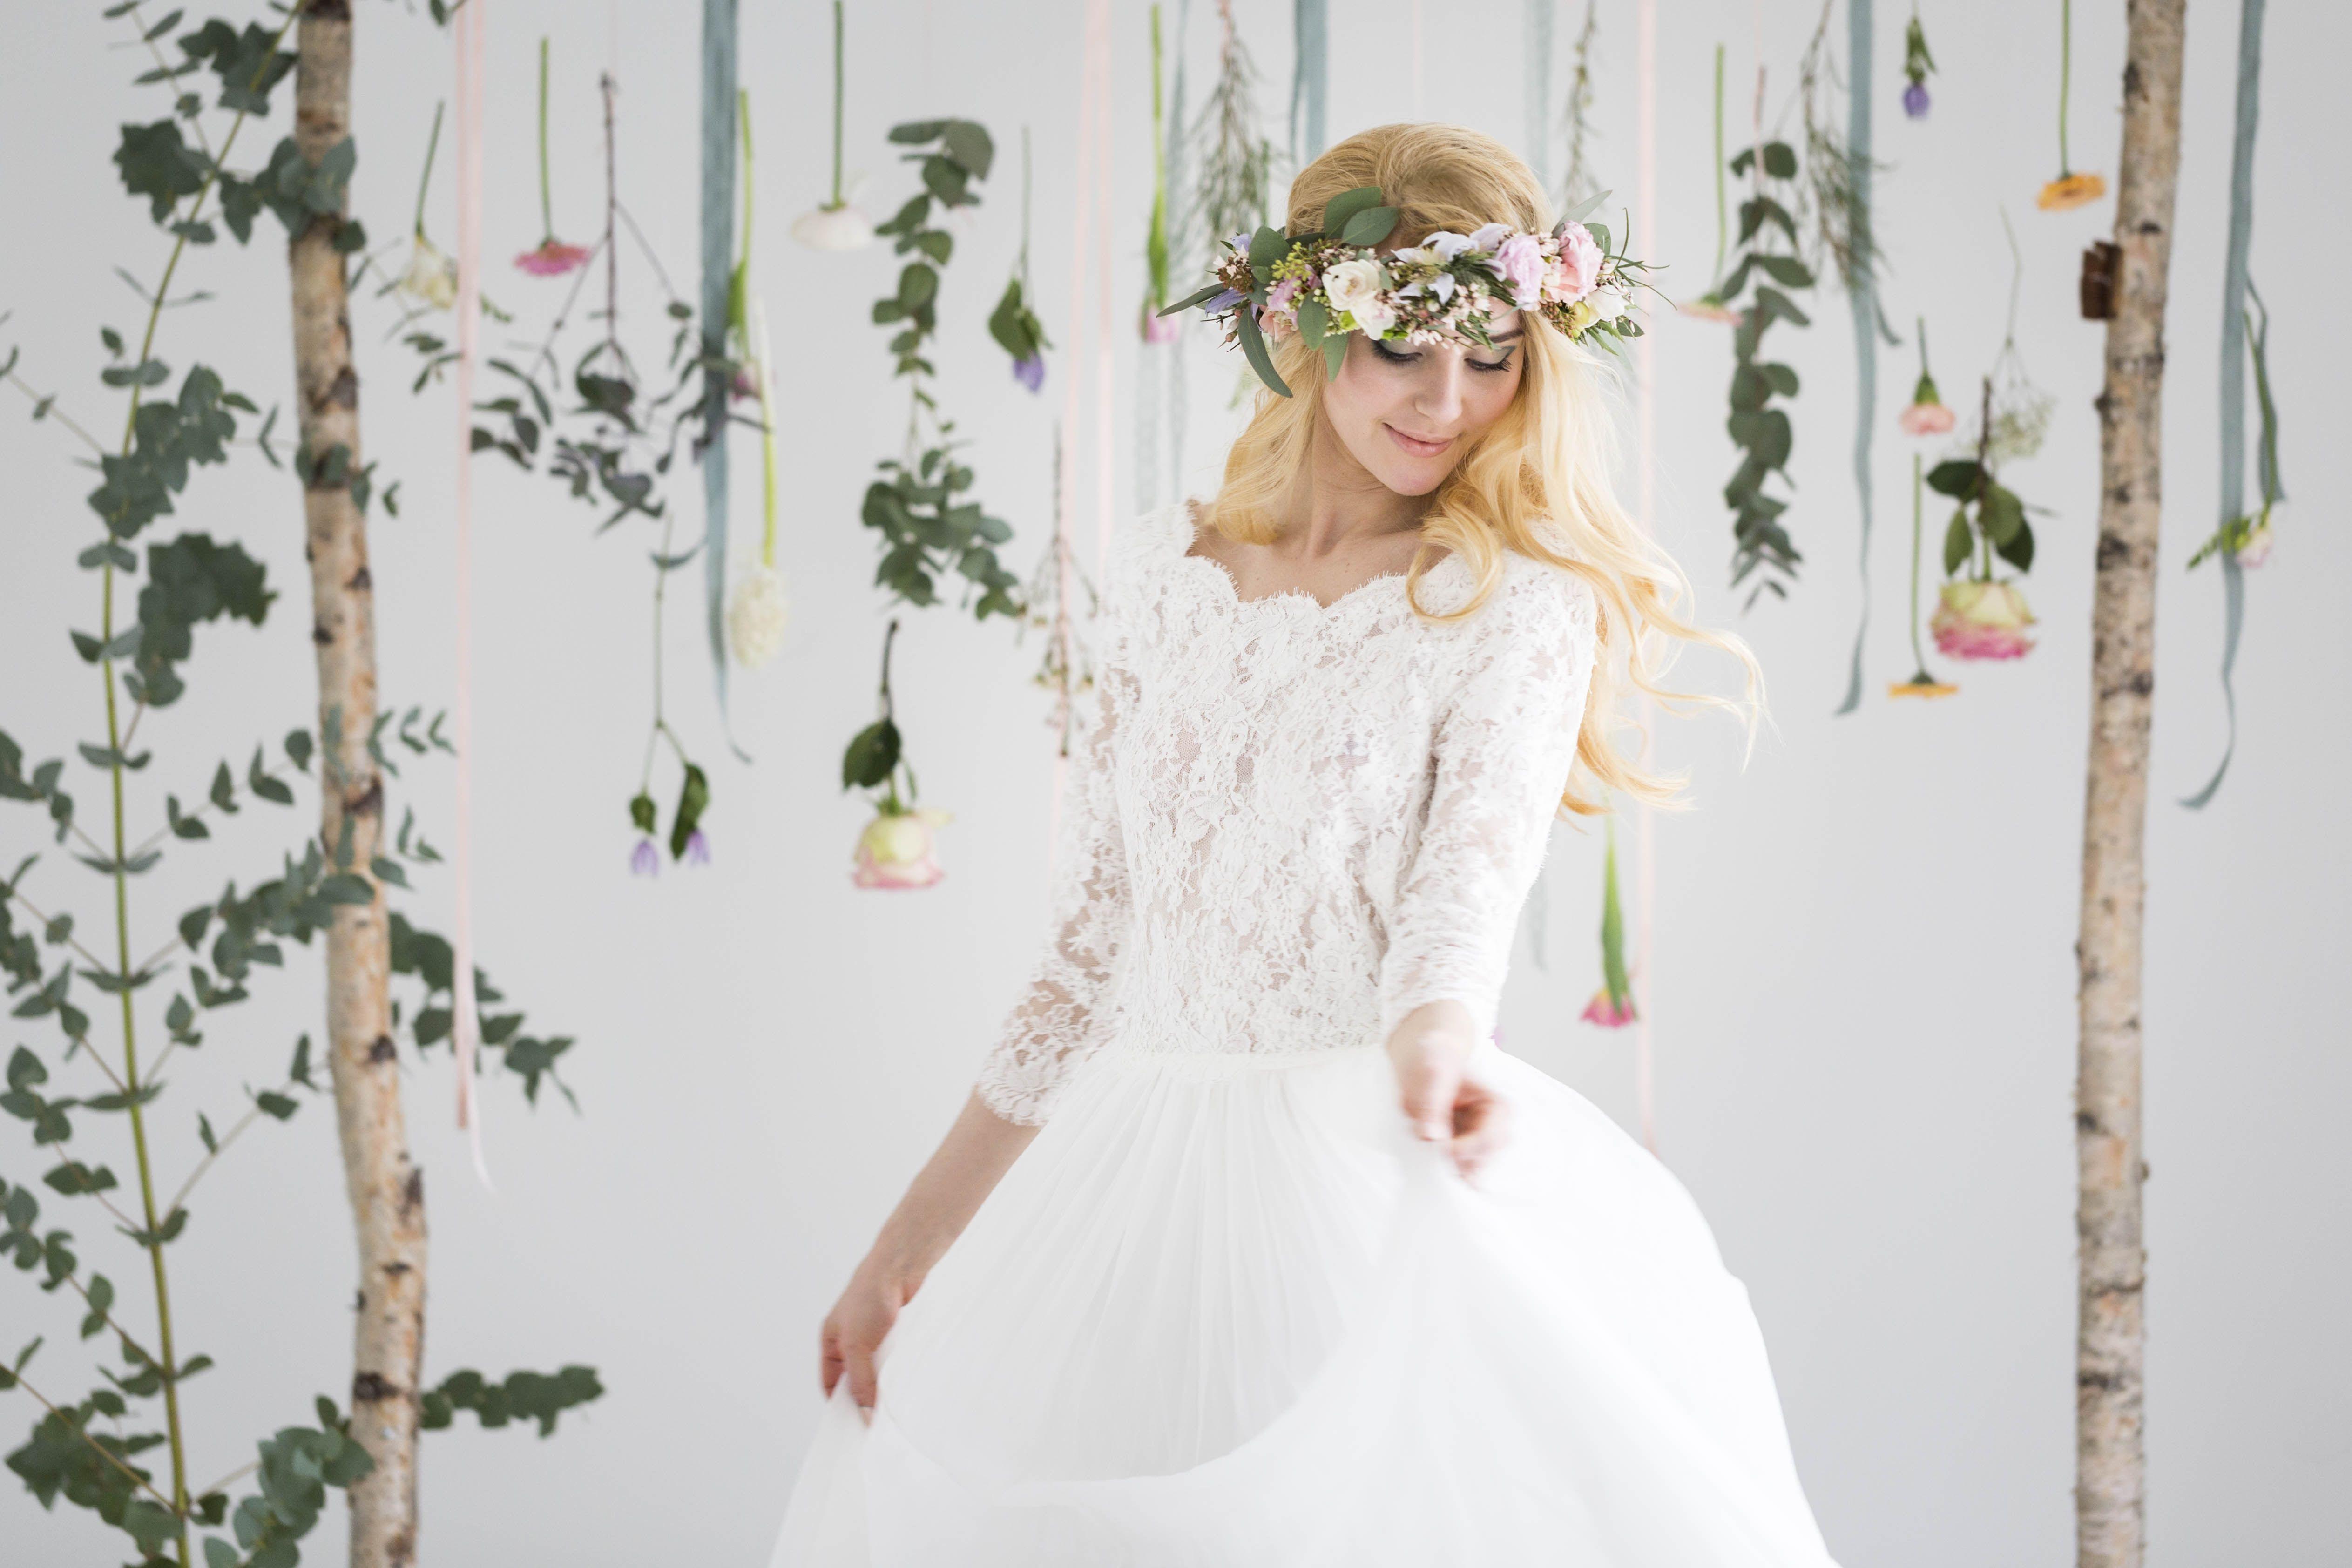 Inspirationsshooting Fruhling Hochzeit Hochzeitskleid Brautstrauss Blumenkranz Hochzeitsfotografin Fotografin Blumenmadchen Kleid Hochzeit Hochzeitskleid